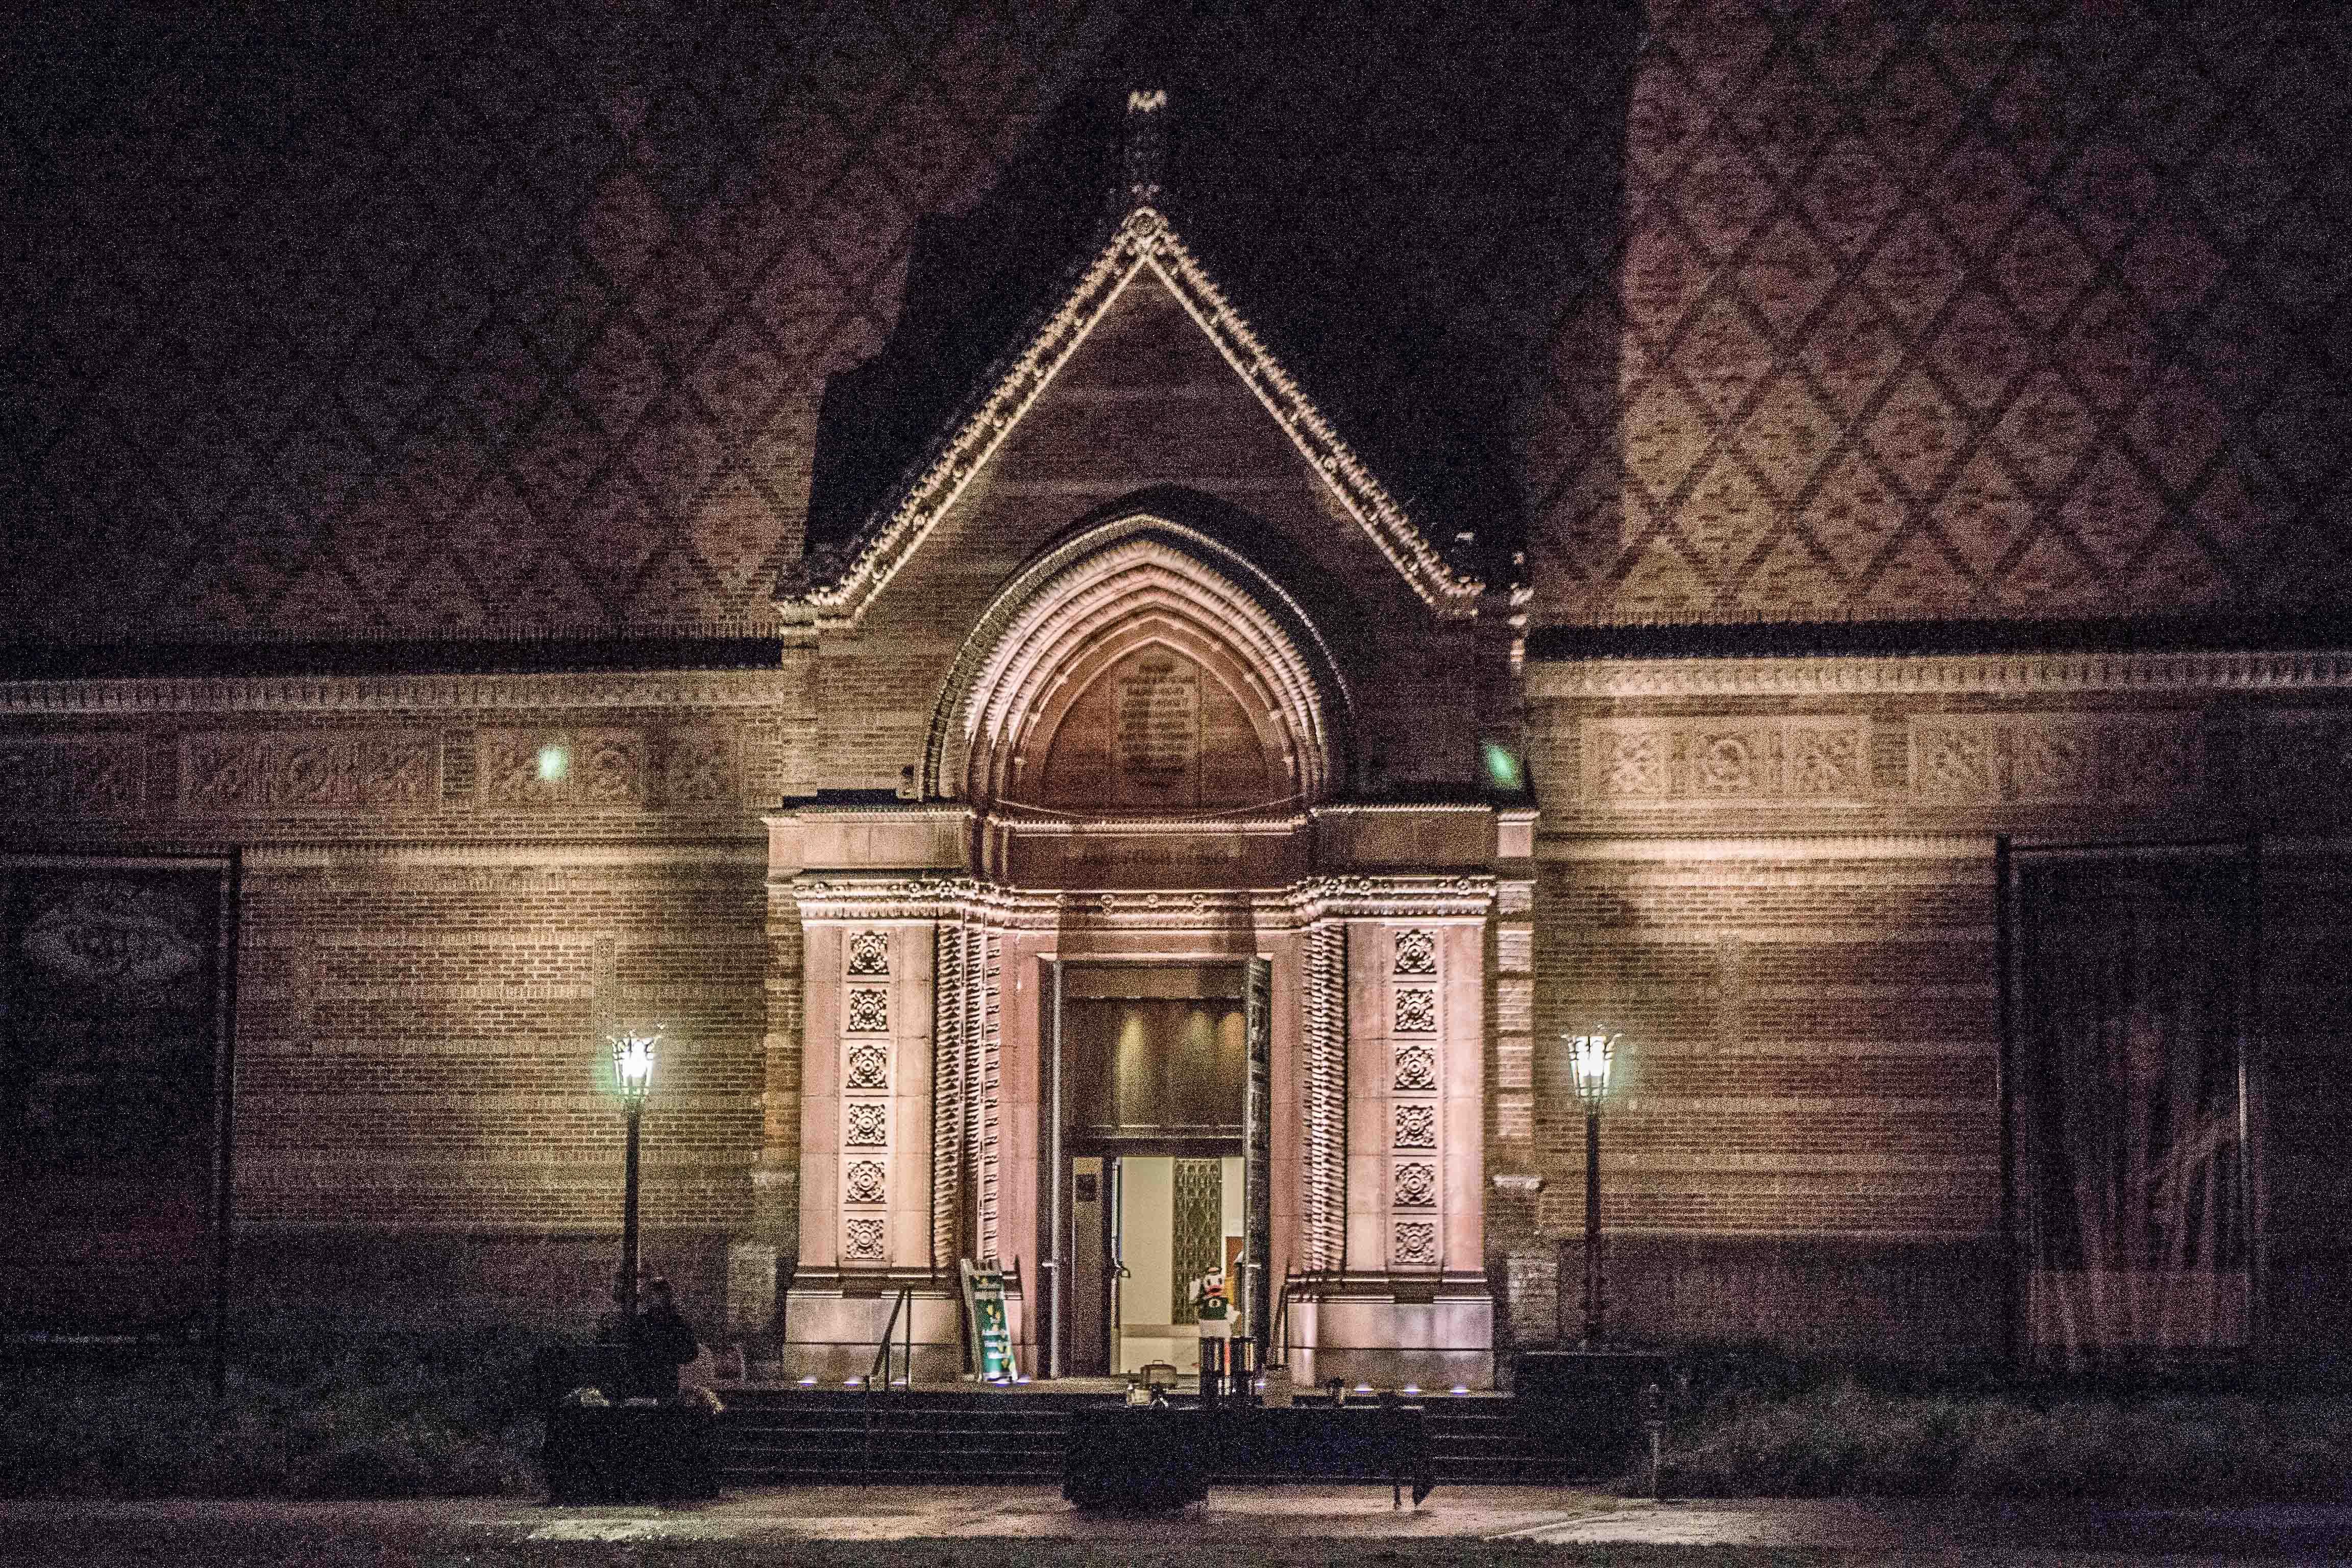 FileJordan Schnitzer Museum Of Art At Nightjpg Wikimedia Commons - Jordan schnitzer museum